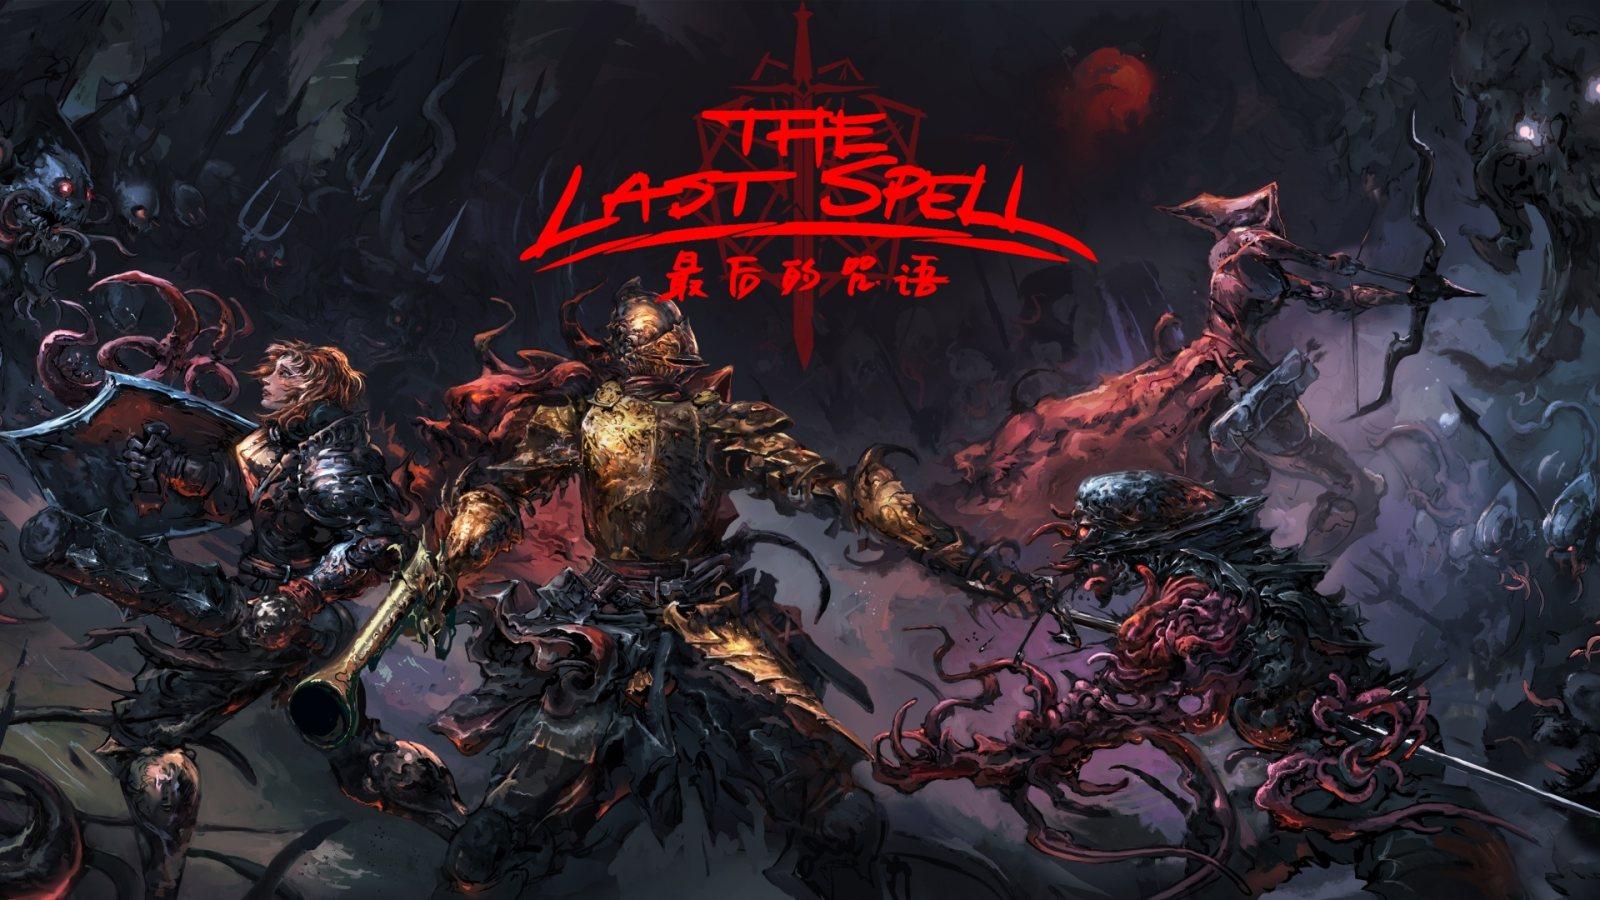 《最后的咒语》公布武器介绍预告,将于6月3日登陆Steam